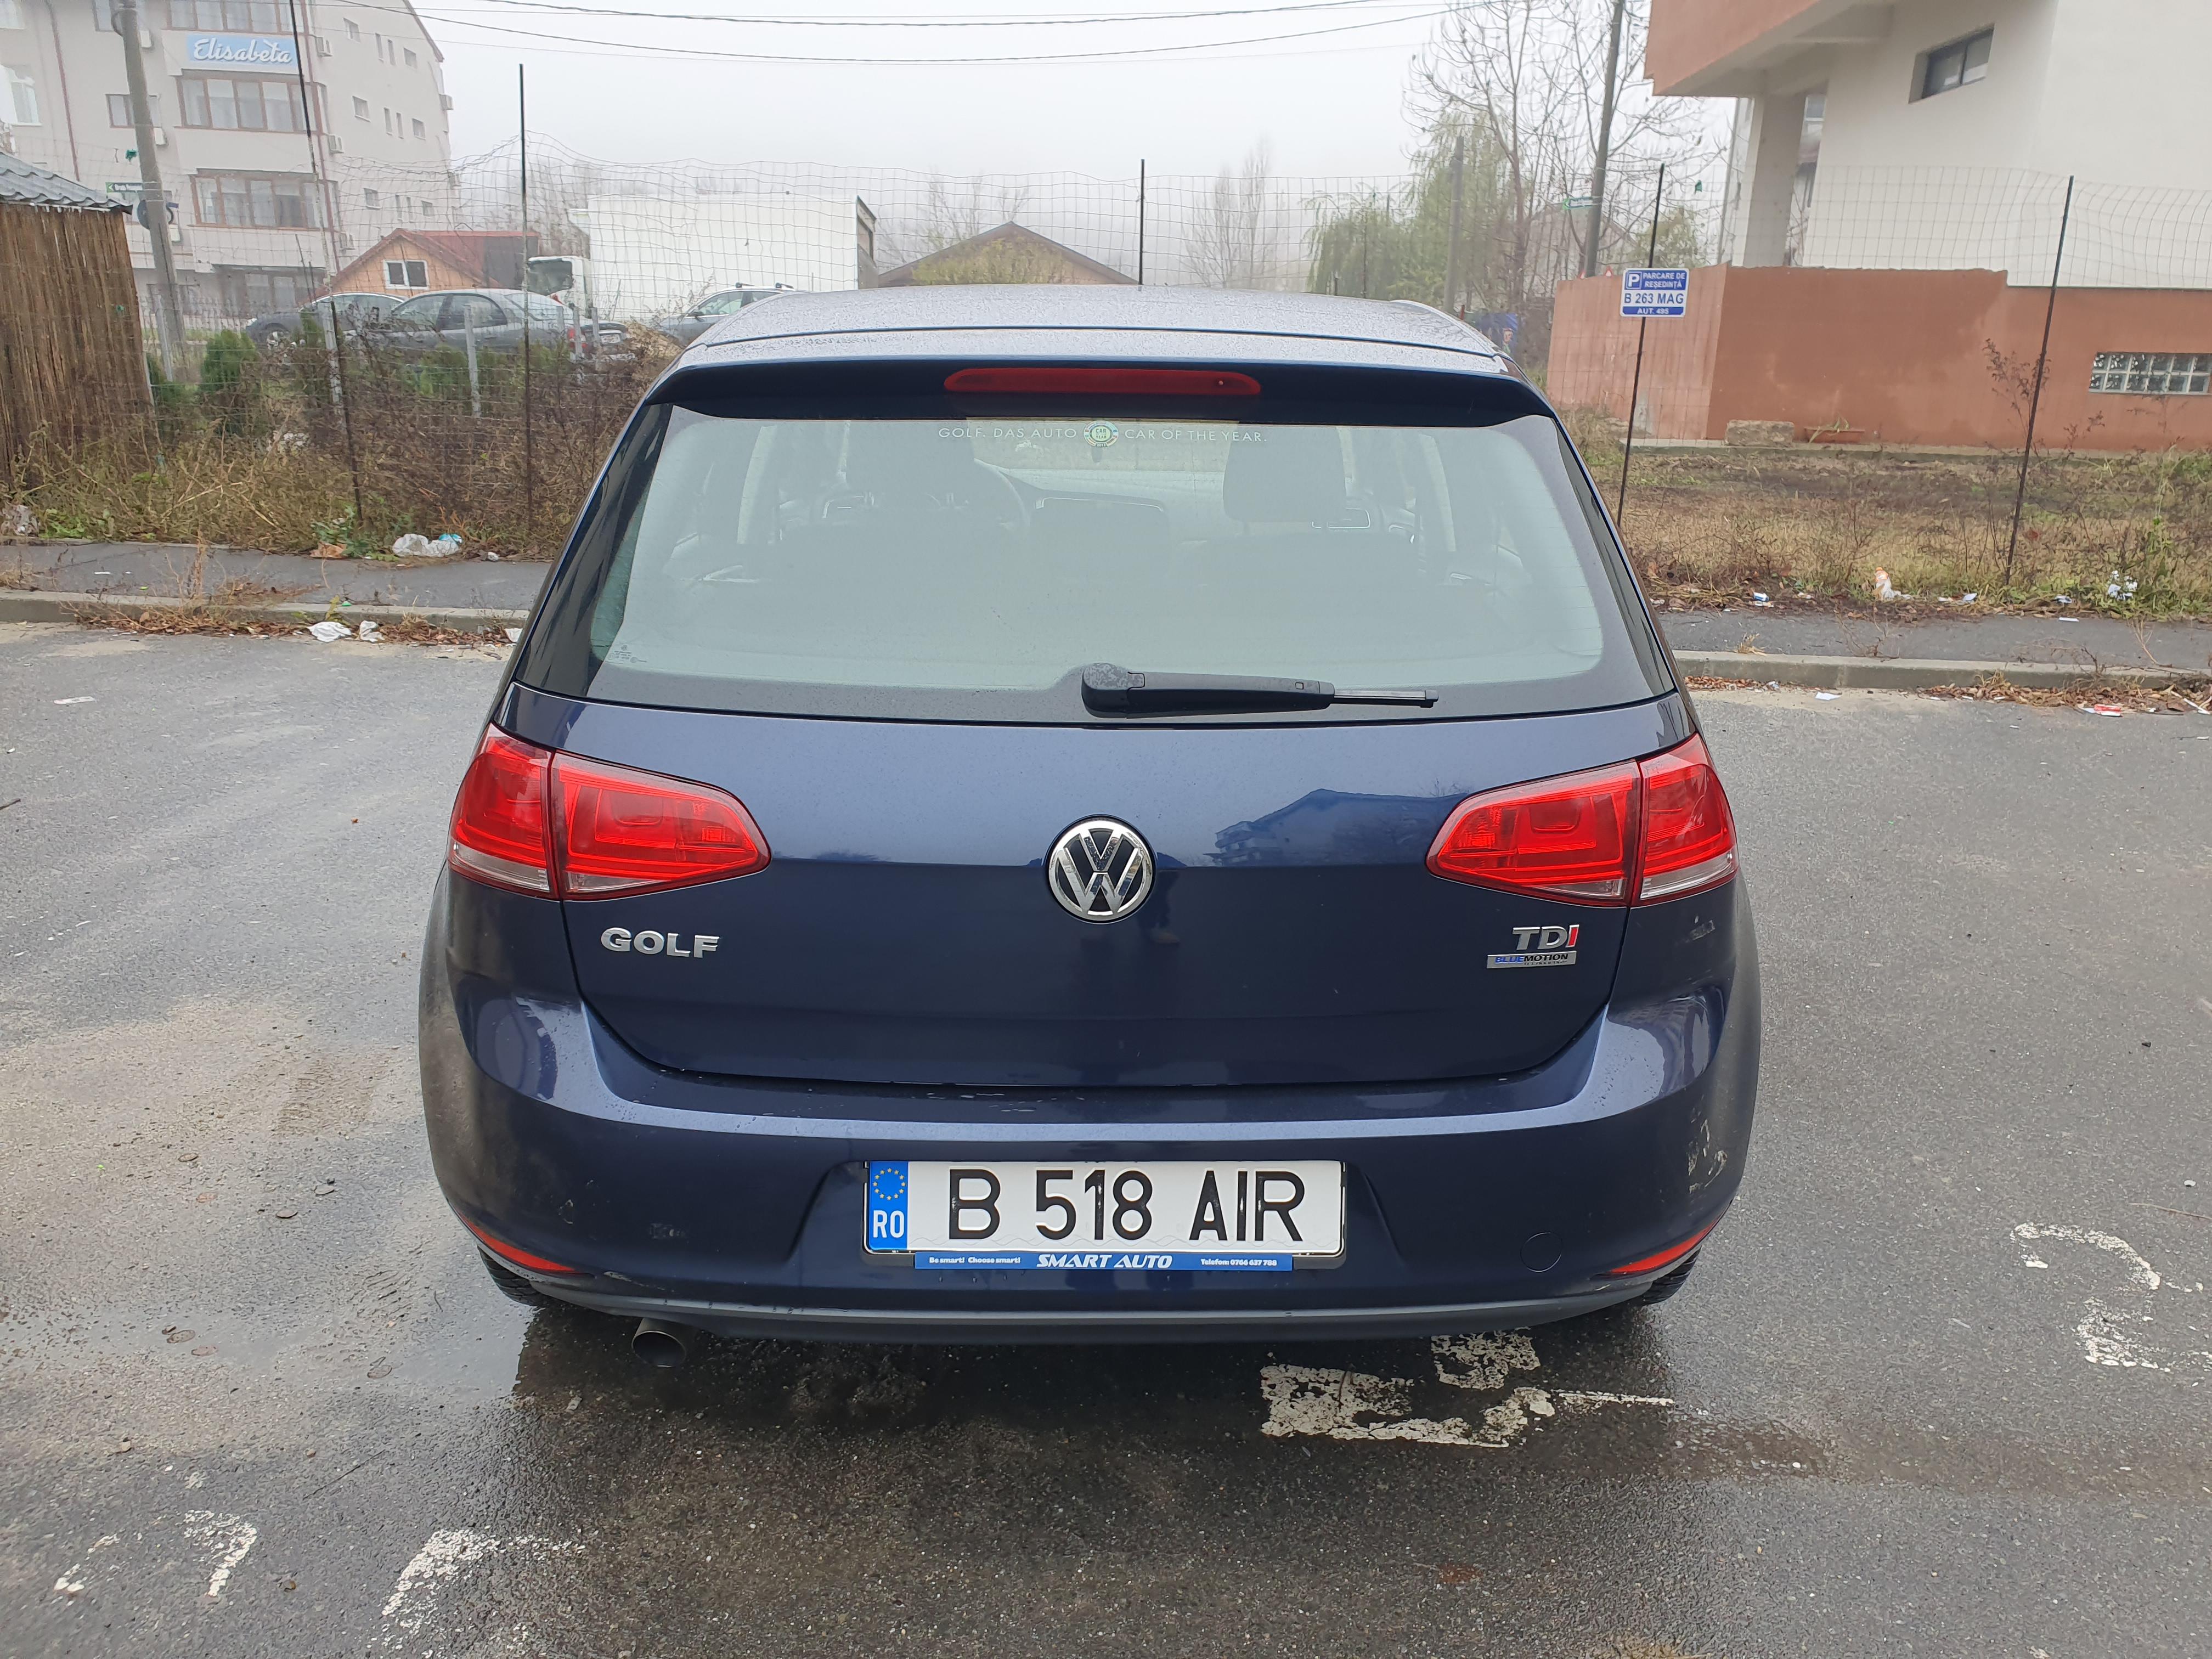 Imagine Inchiriaza auto VW Golf 2013 4